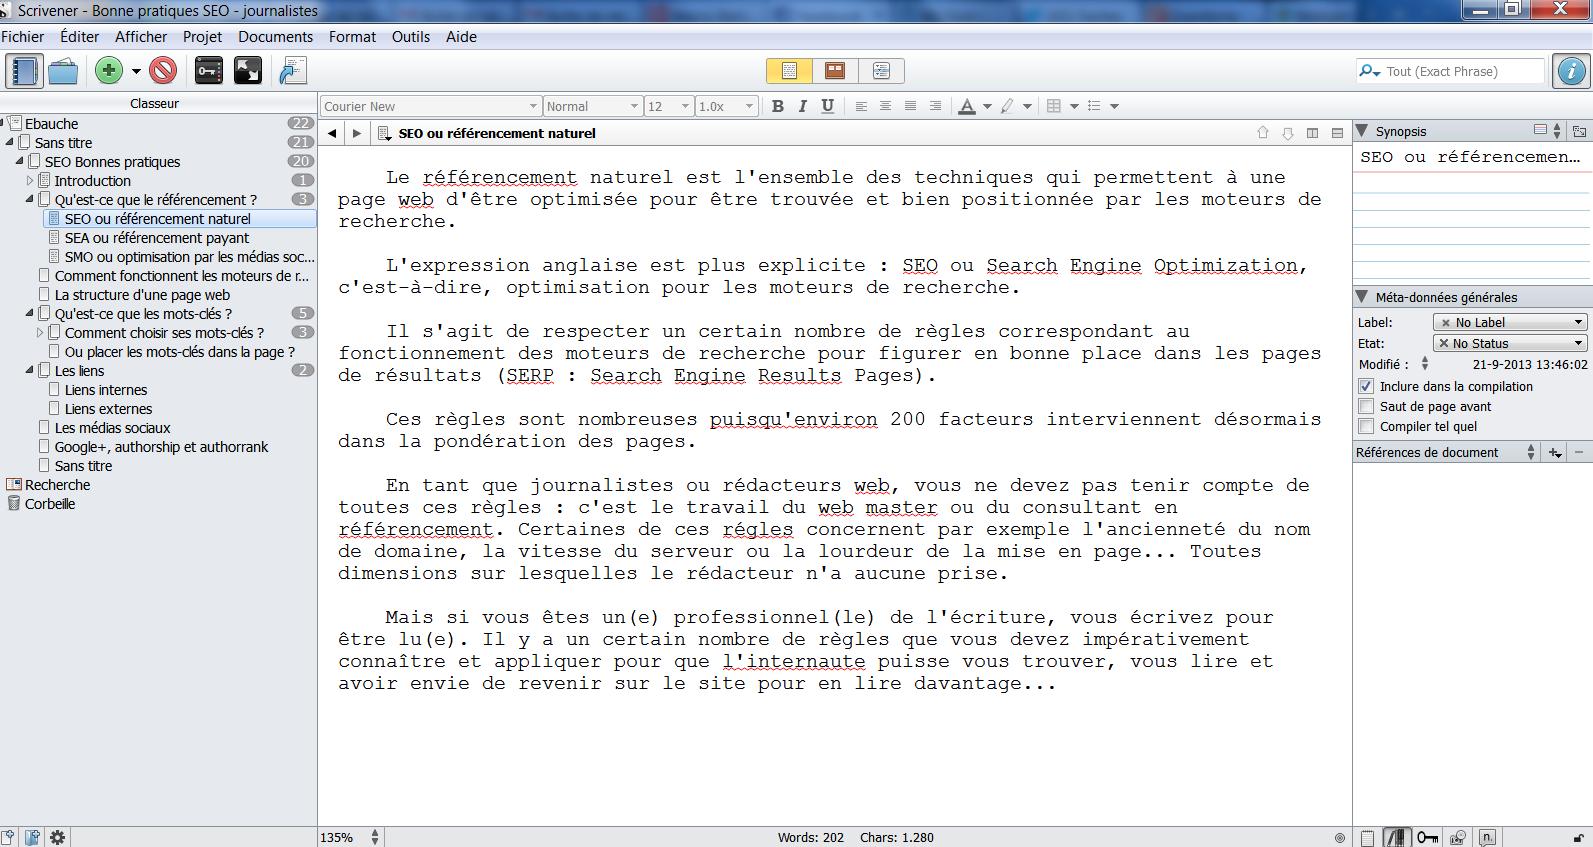 Capture d'écran de Scrivener